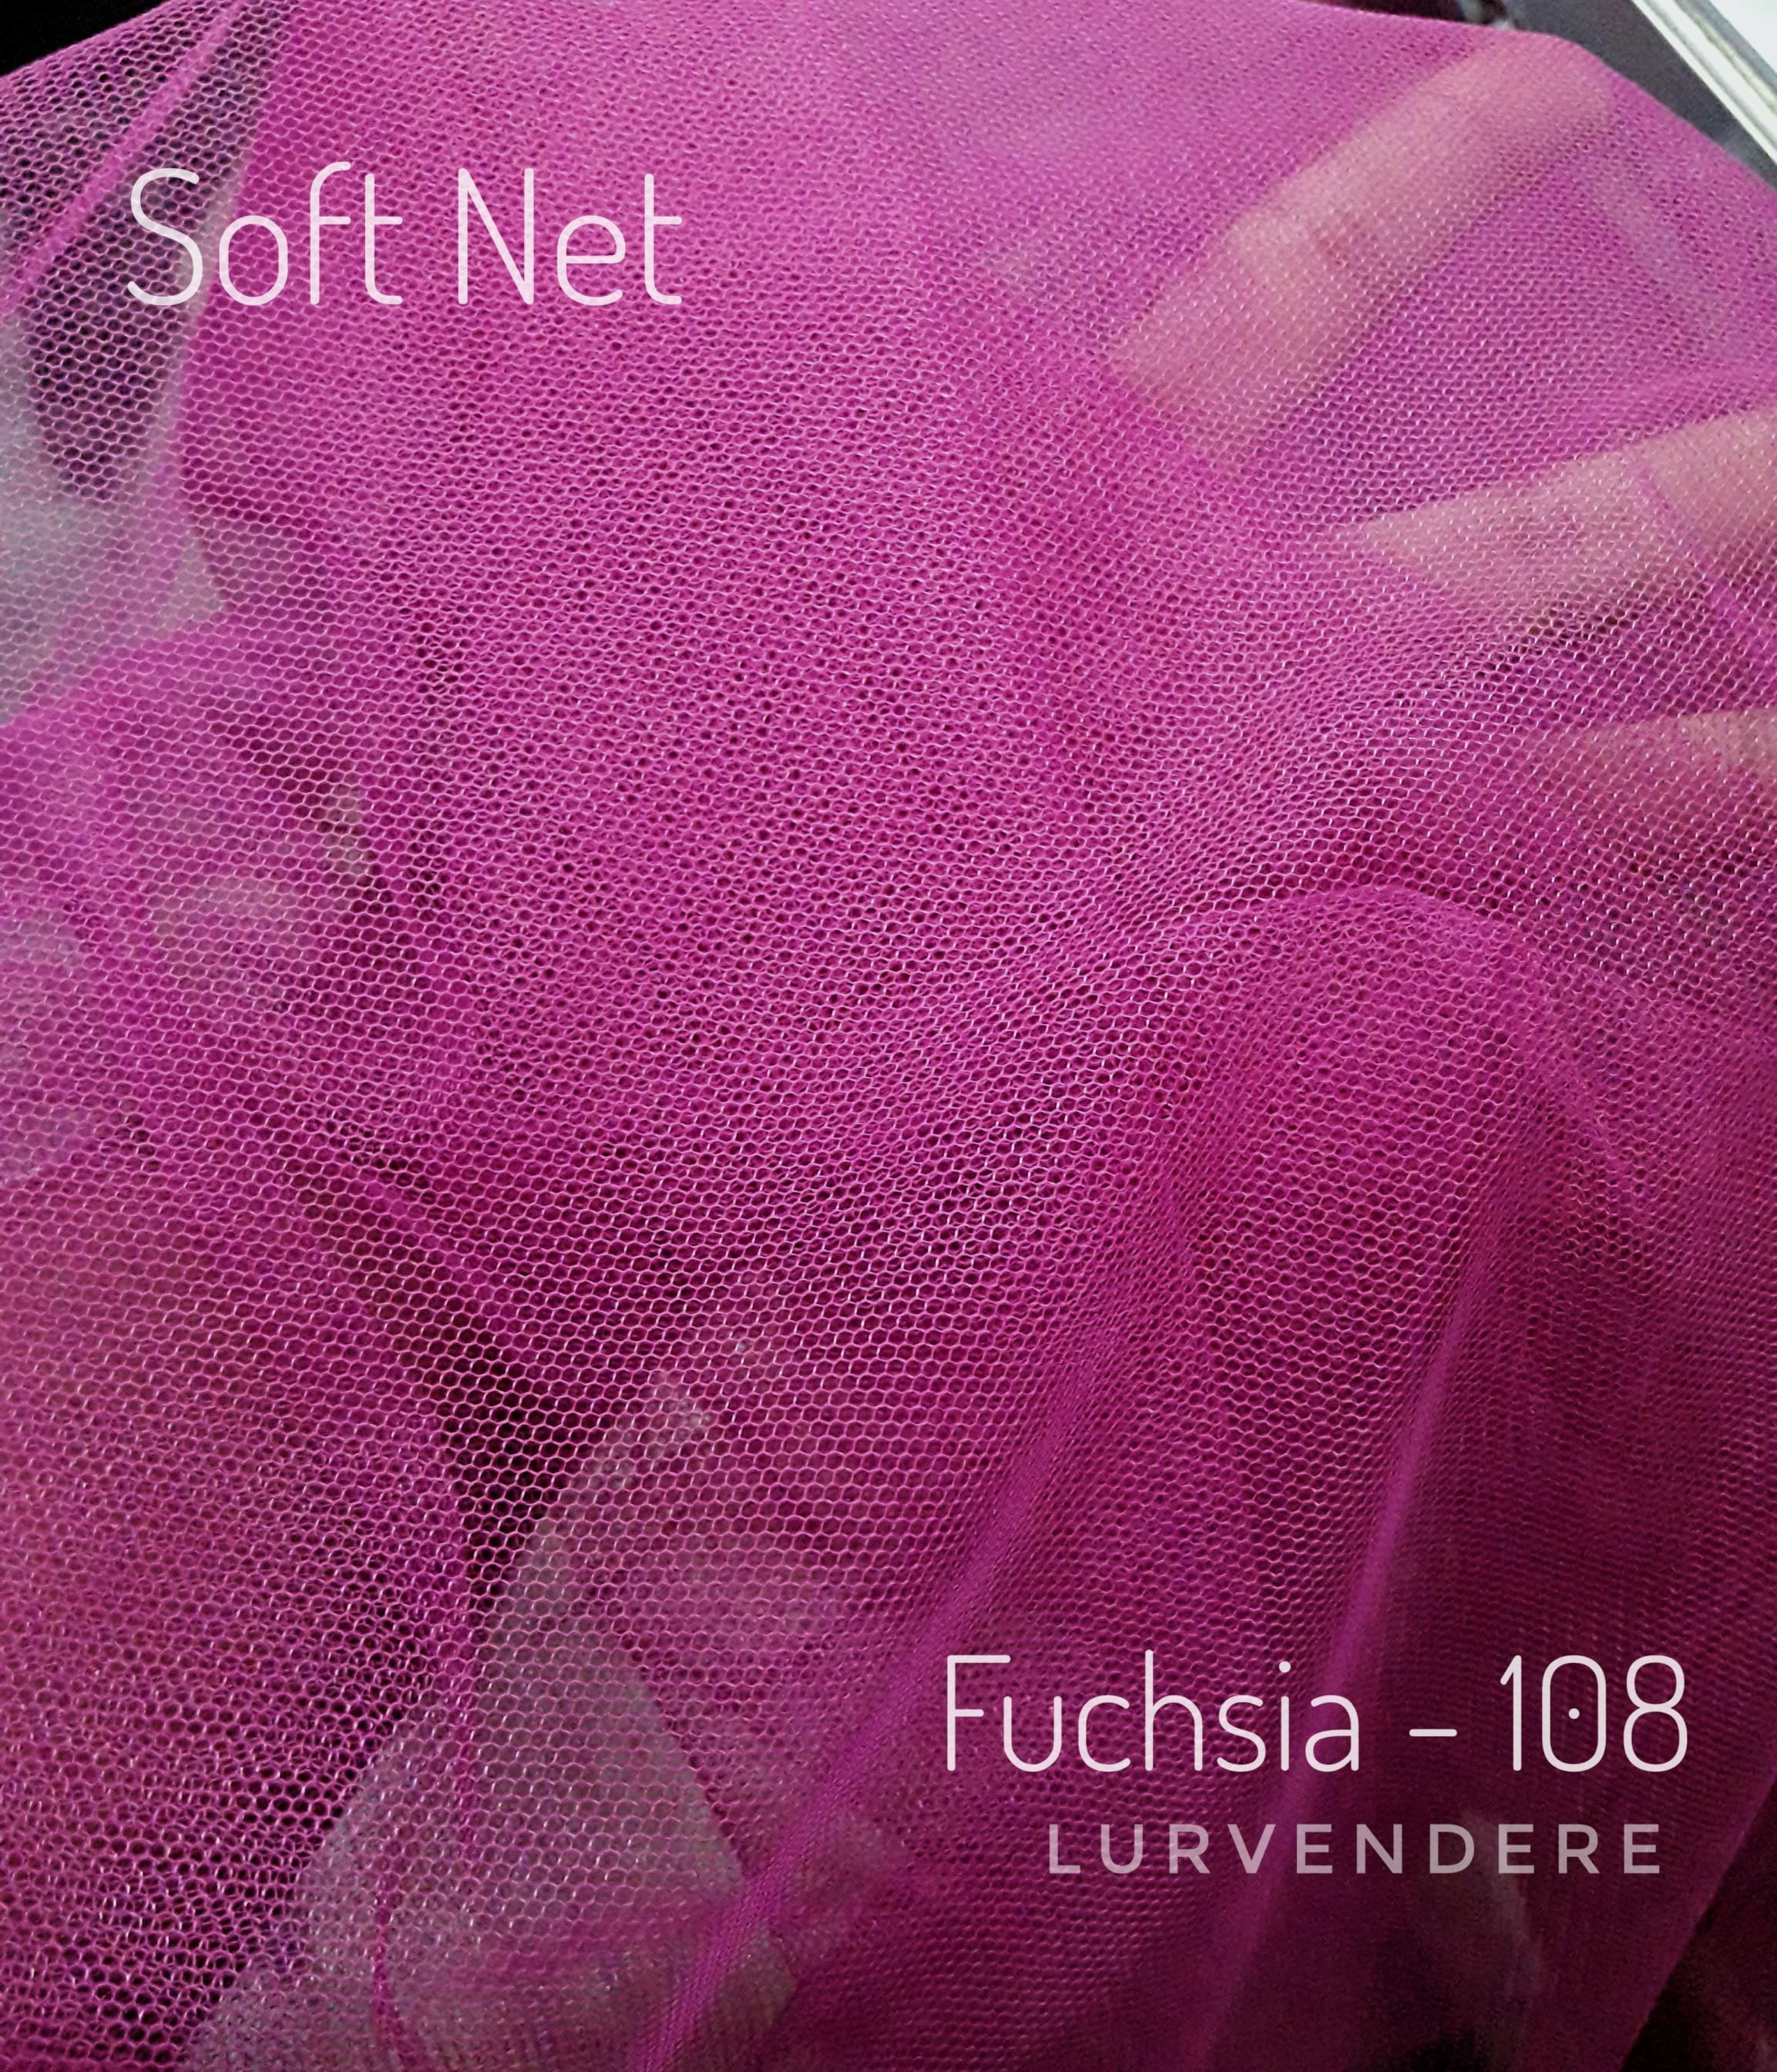 Soft Net - Fuchsia ( 108 )